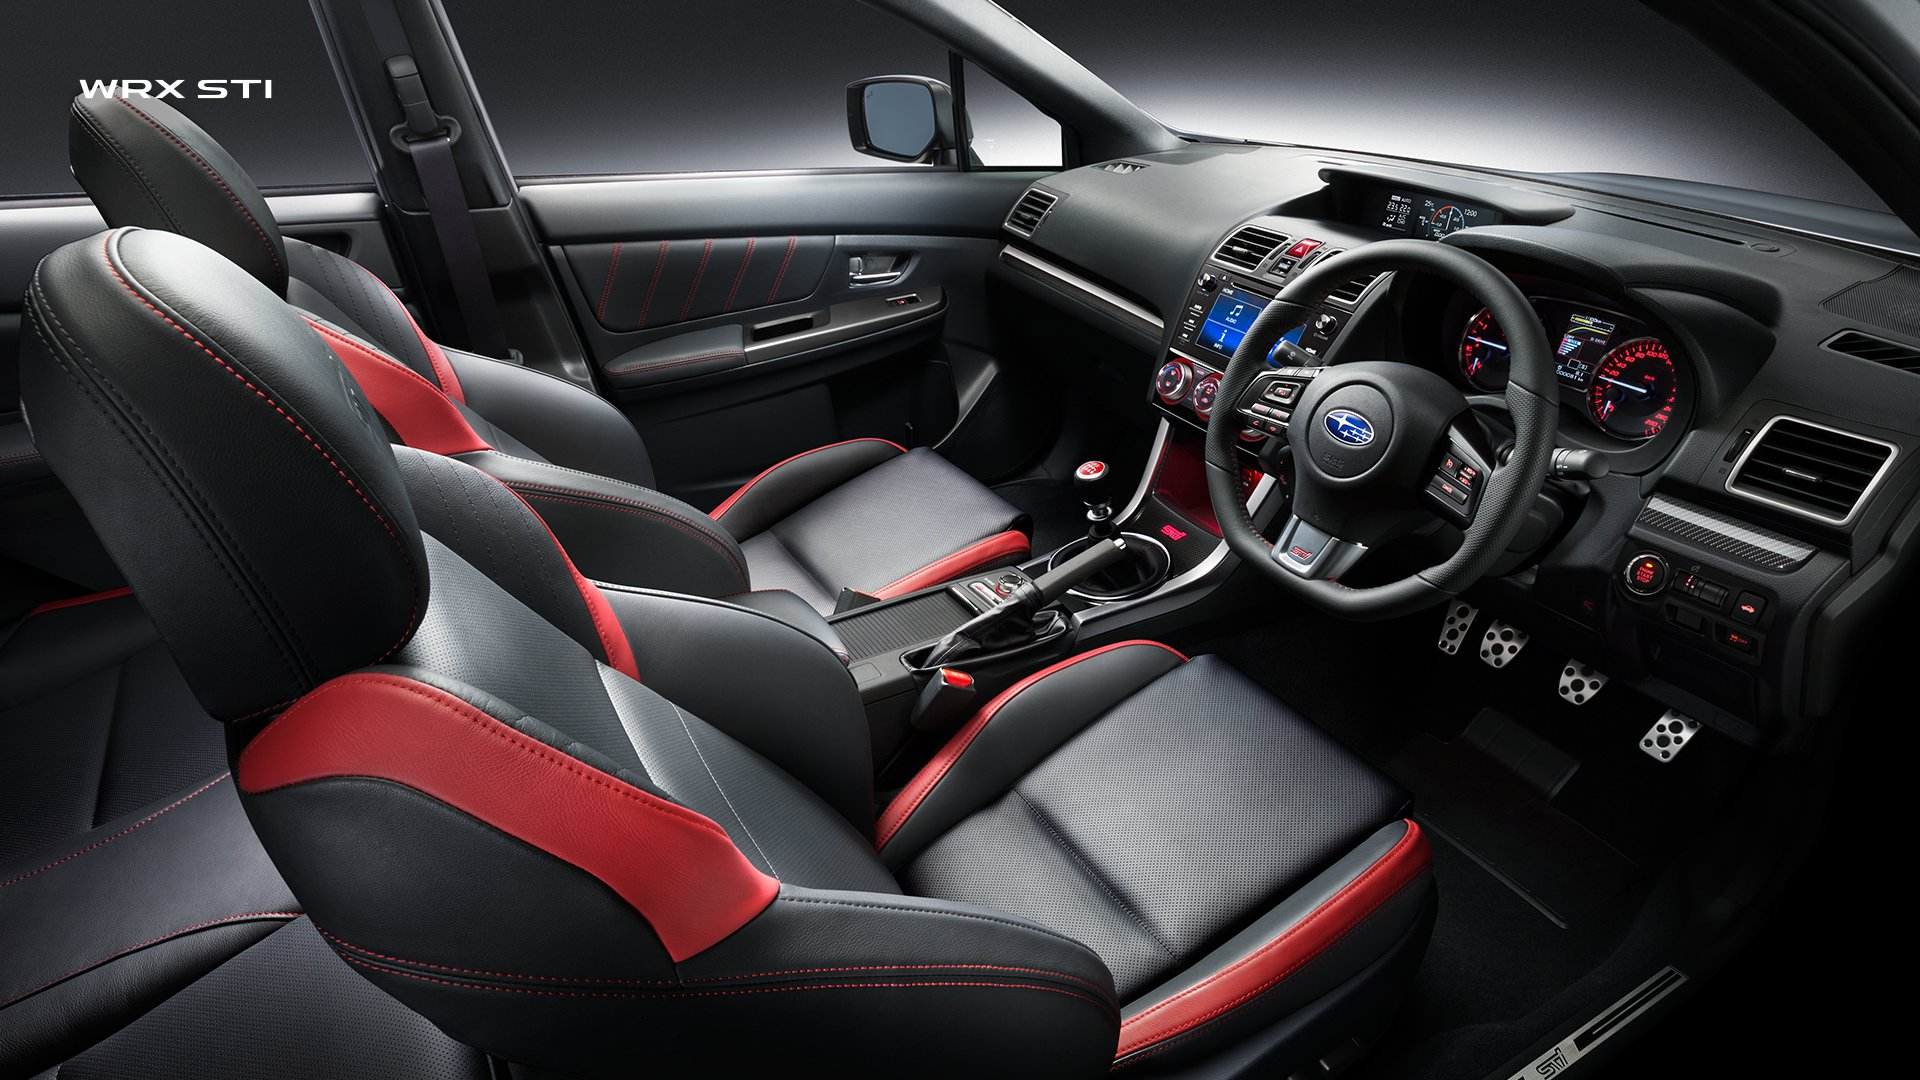 Subaru Interior Features 2017 Subaru Wrx Sti Interior Features